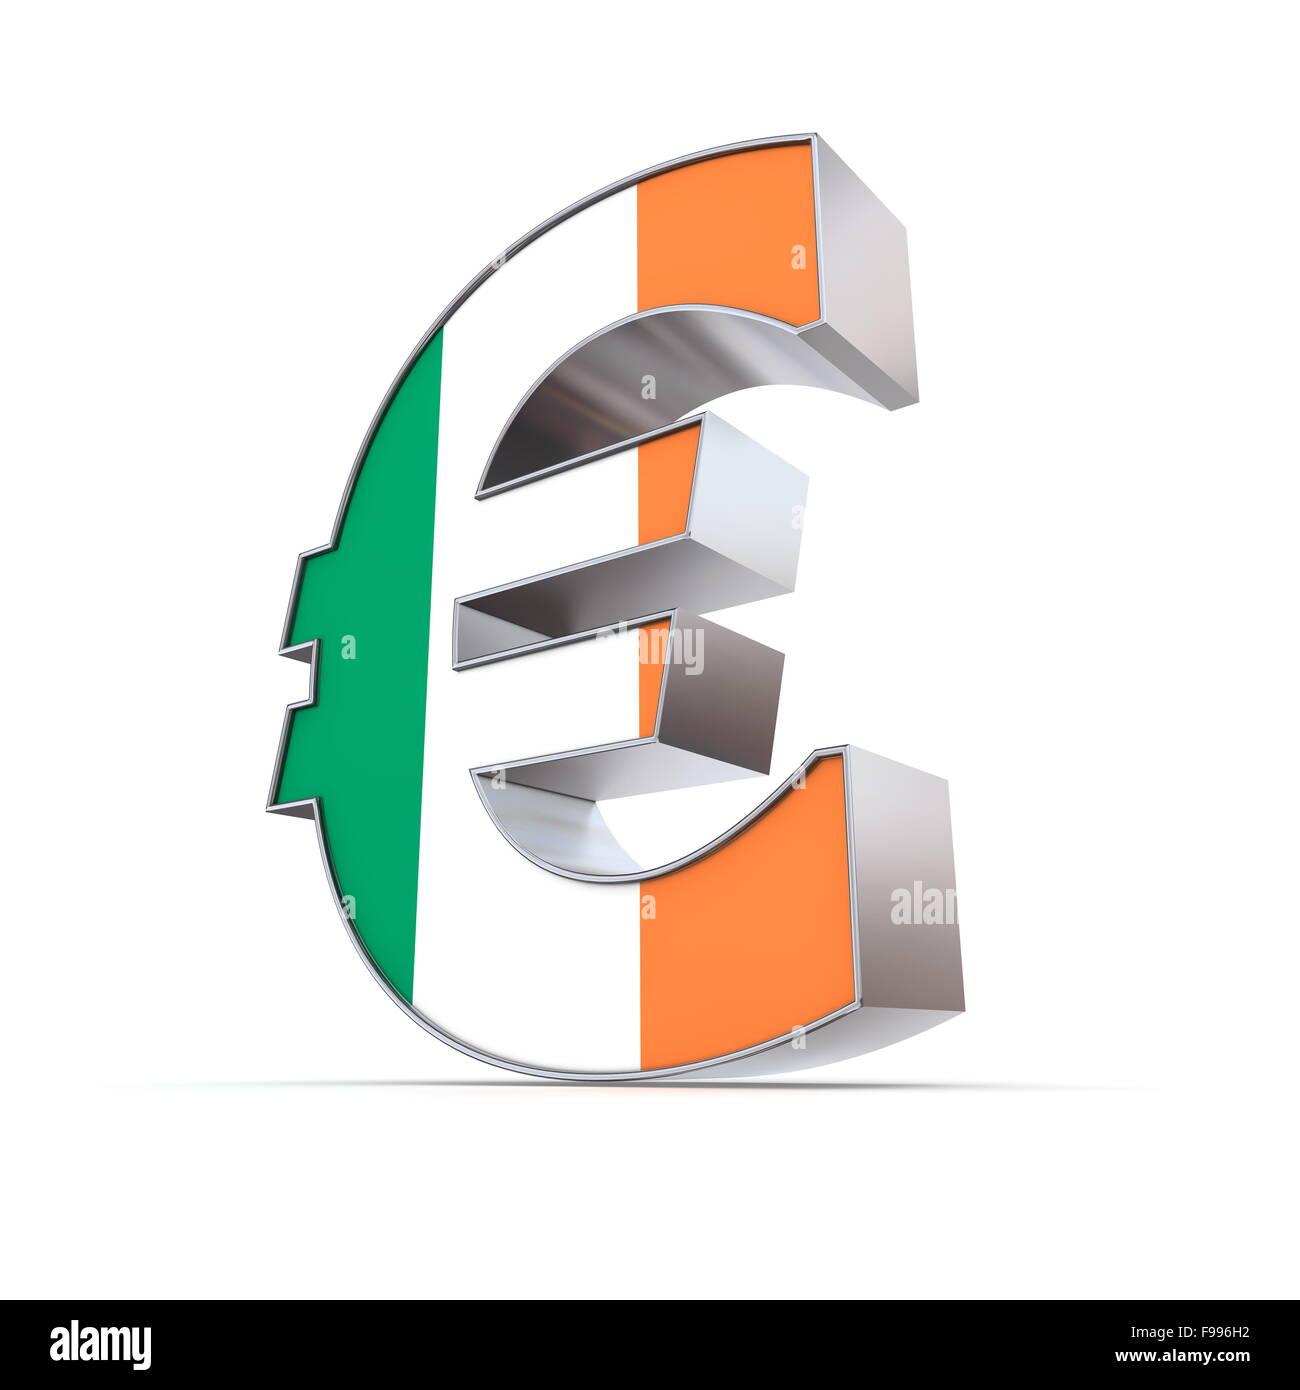 Shiny simbolo Euro - Textured anteriore - Bandiera dell'Irlanda Immagini Stock